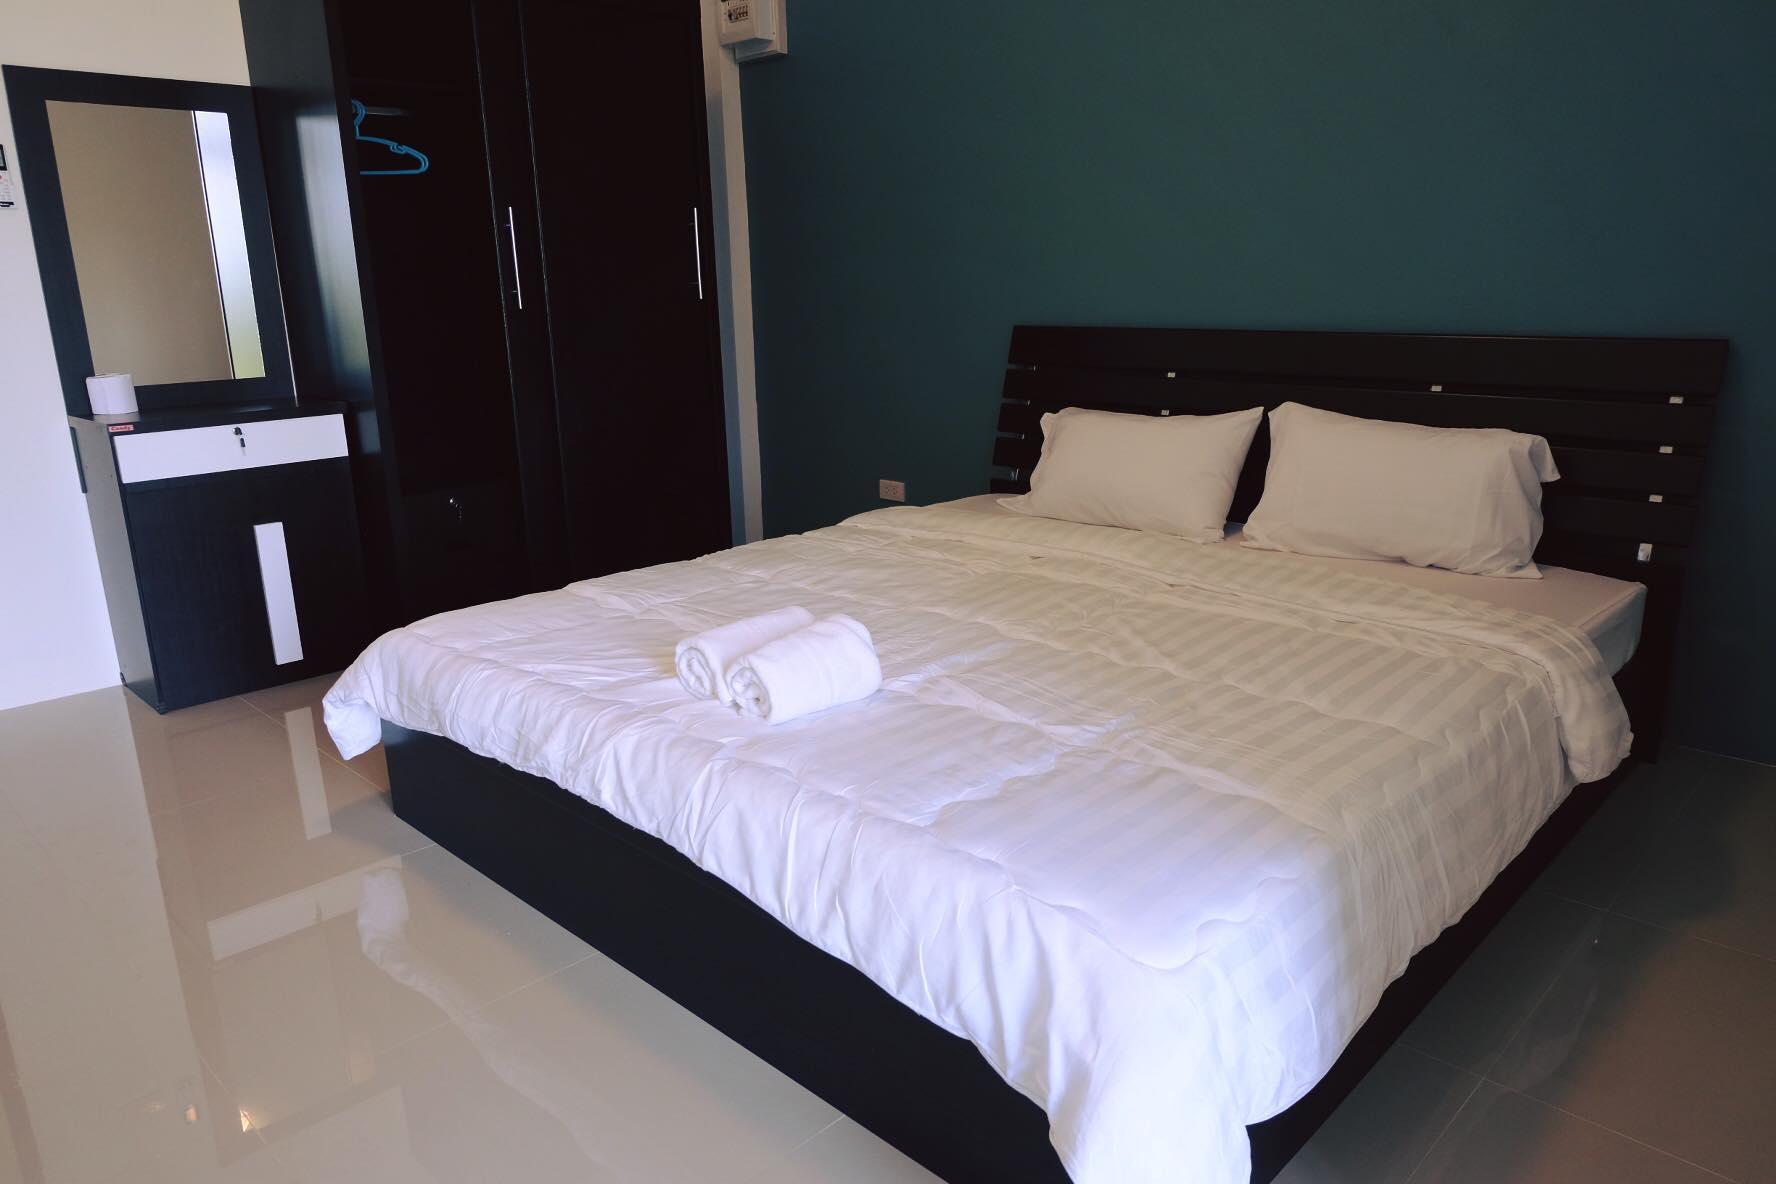 M2 Apartment อพาร์ตเมนต์ 1 ห้องนอน 1 ห้องน้ำส่วนตัว ขนาด 22 ตร.ม. – แม่อาย